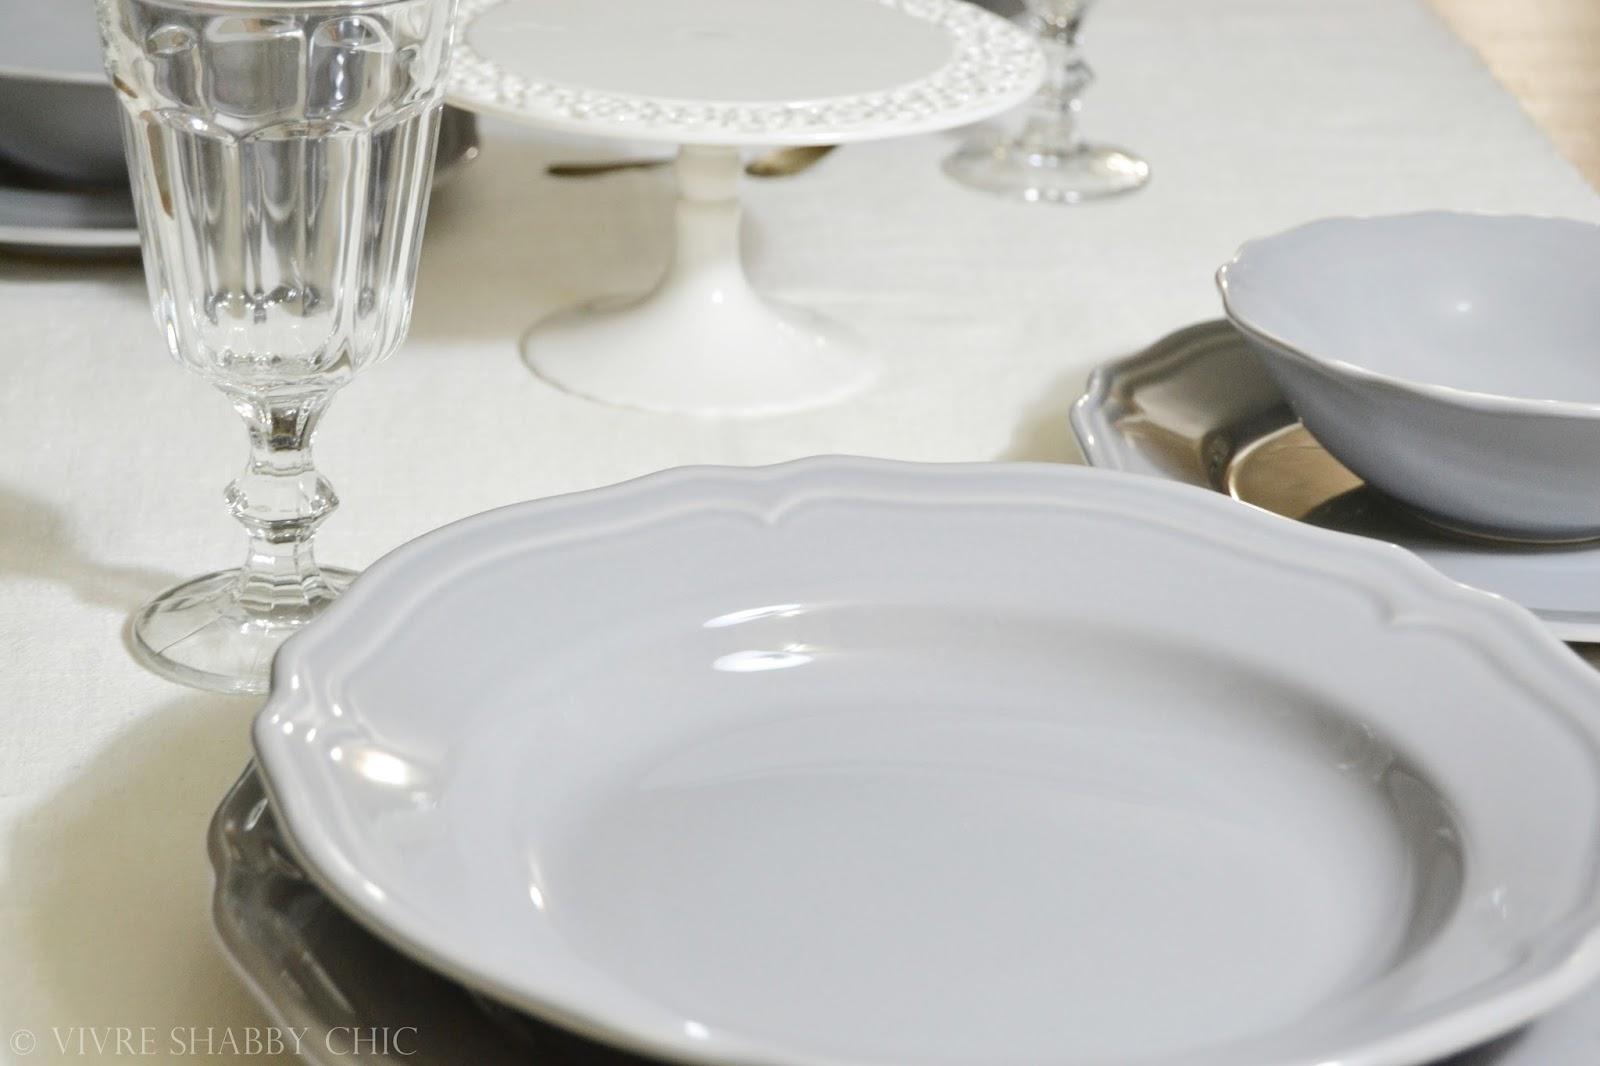 Vivre shabby chic shopping per la casa il mio nuovo for Servizio di piatti